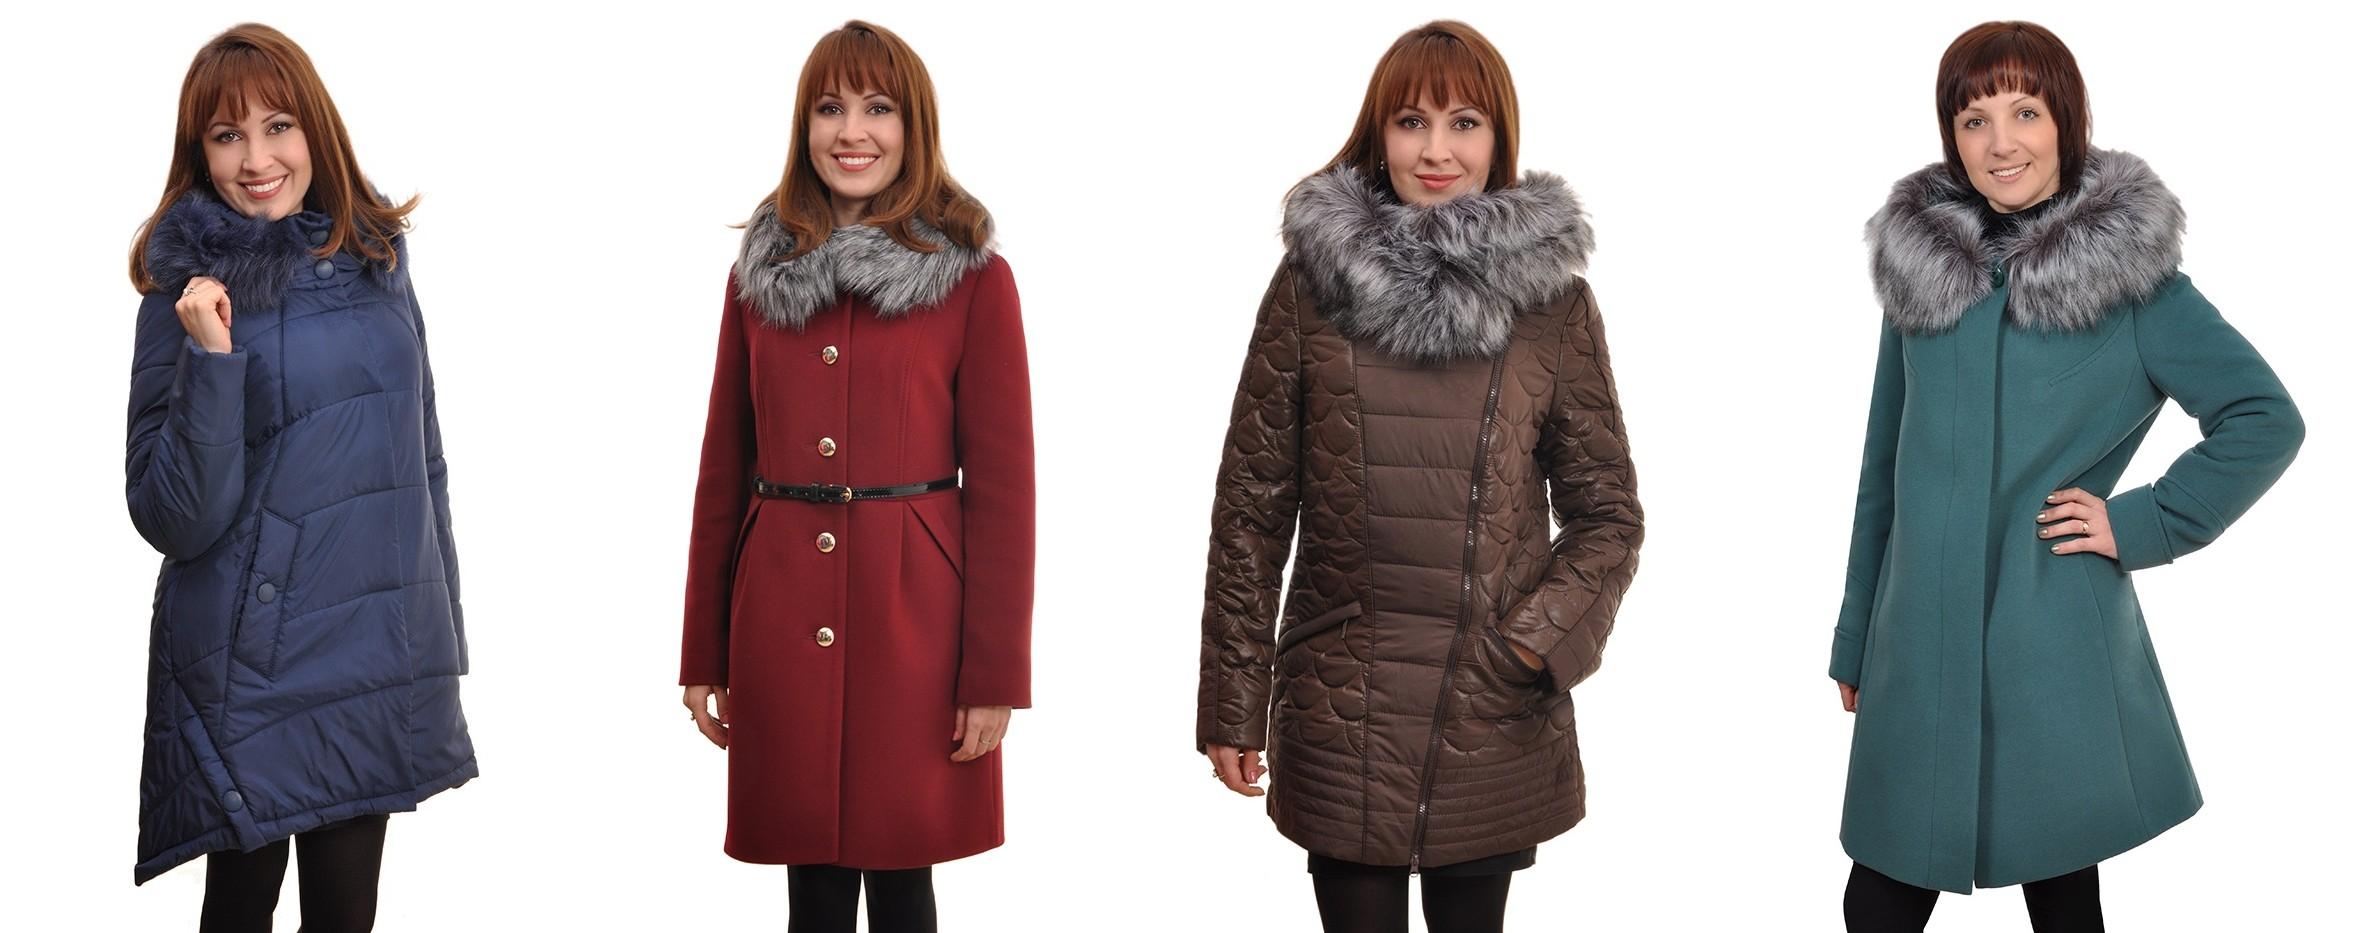 Красивые Пальто по Красивой Цене. Без рядов - 20